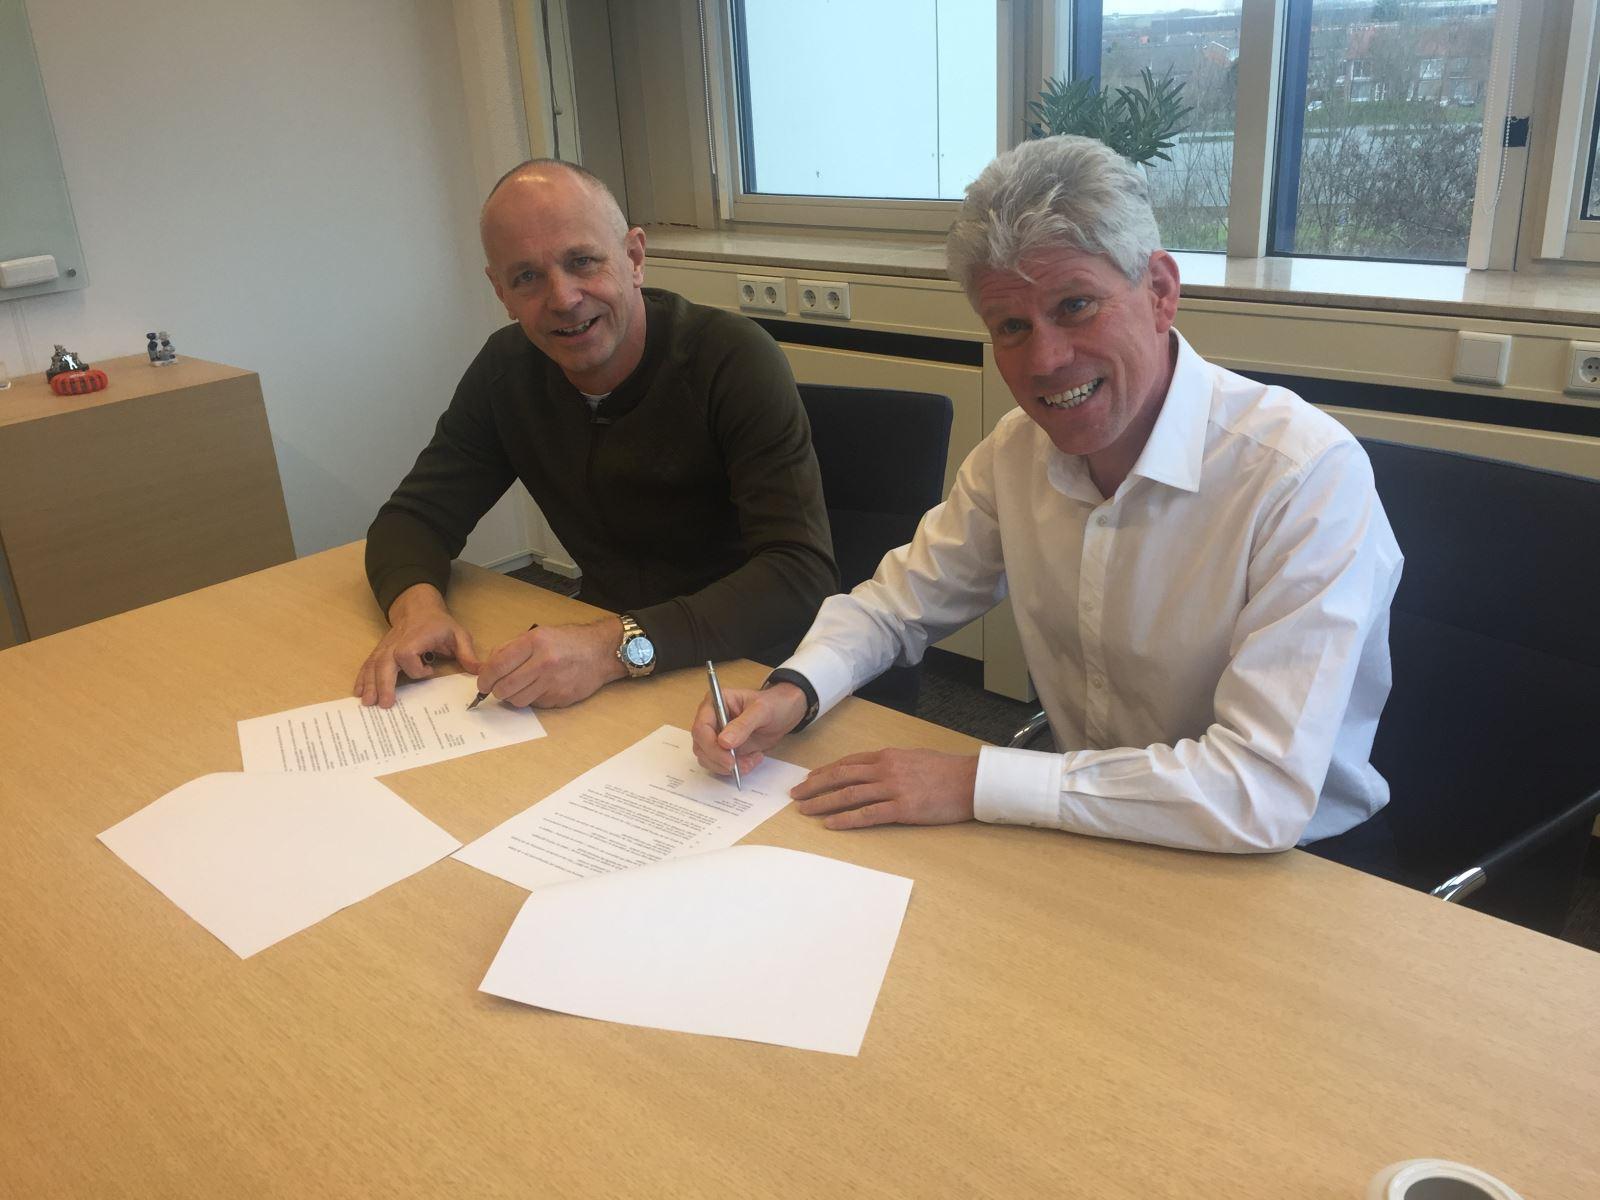 Ondertekening BMWT en Ondile samenwerking uitgifte lesmateriaal BMWT-Train